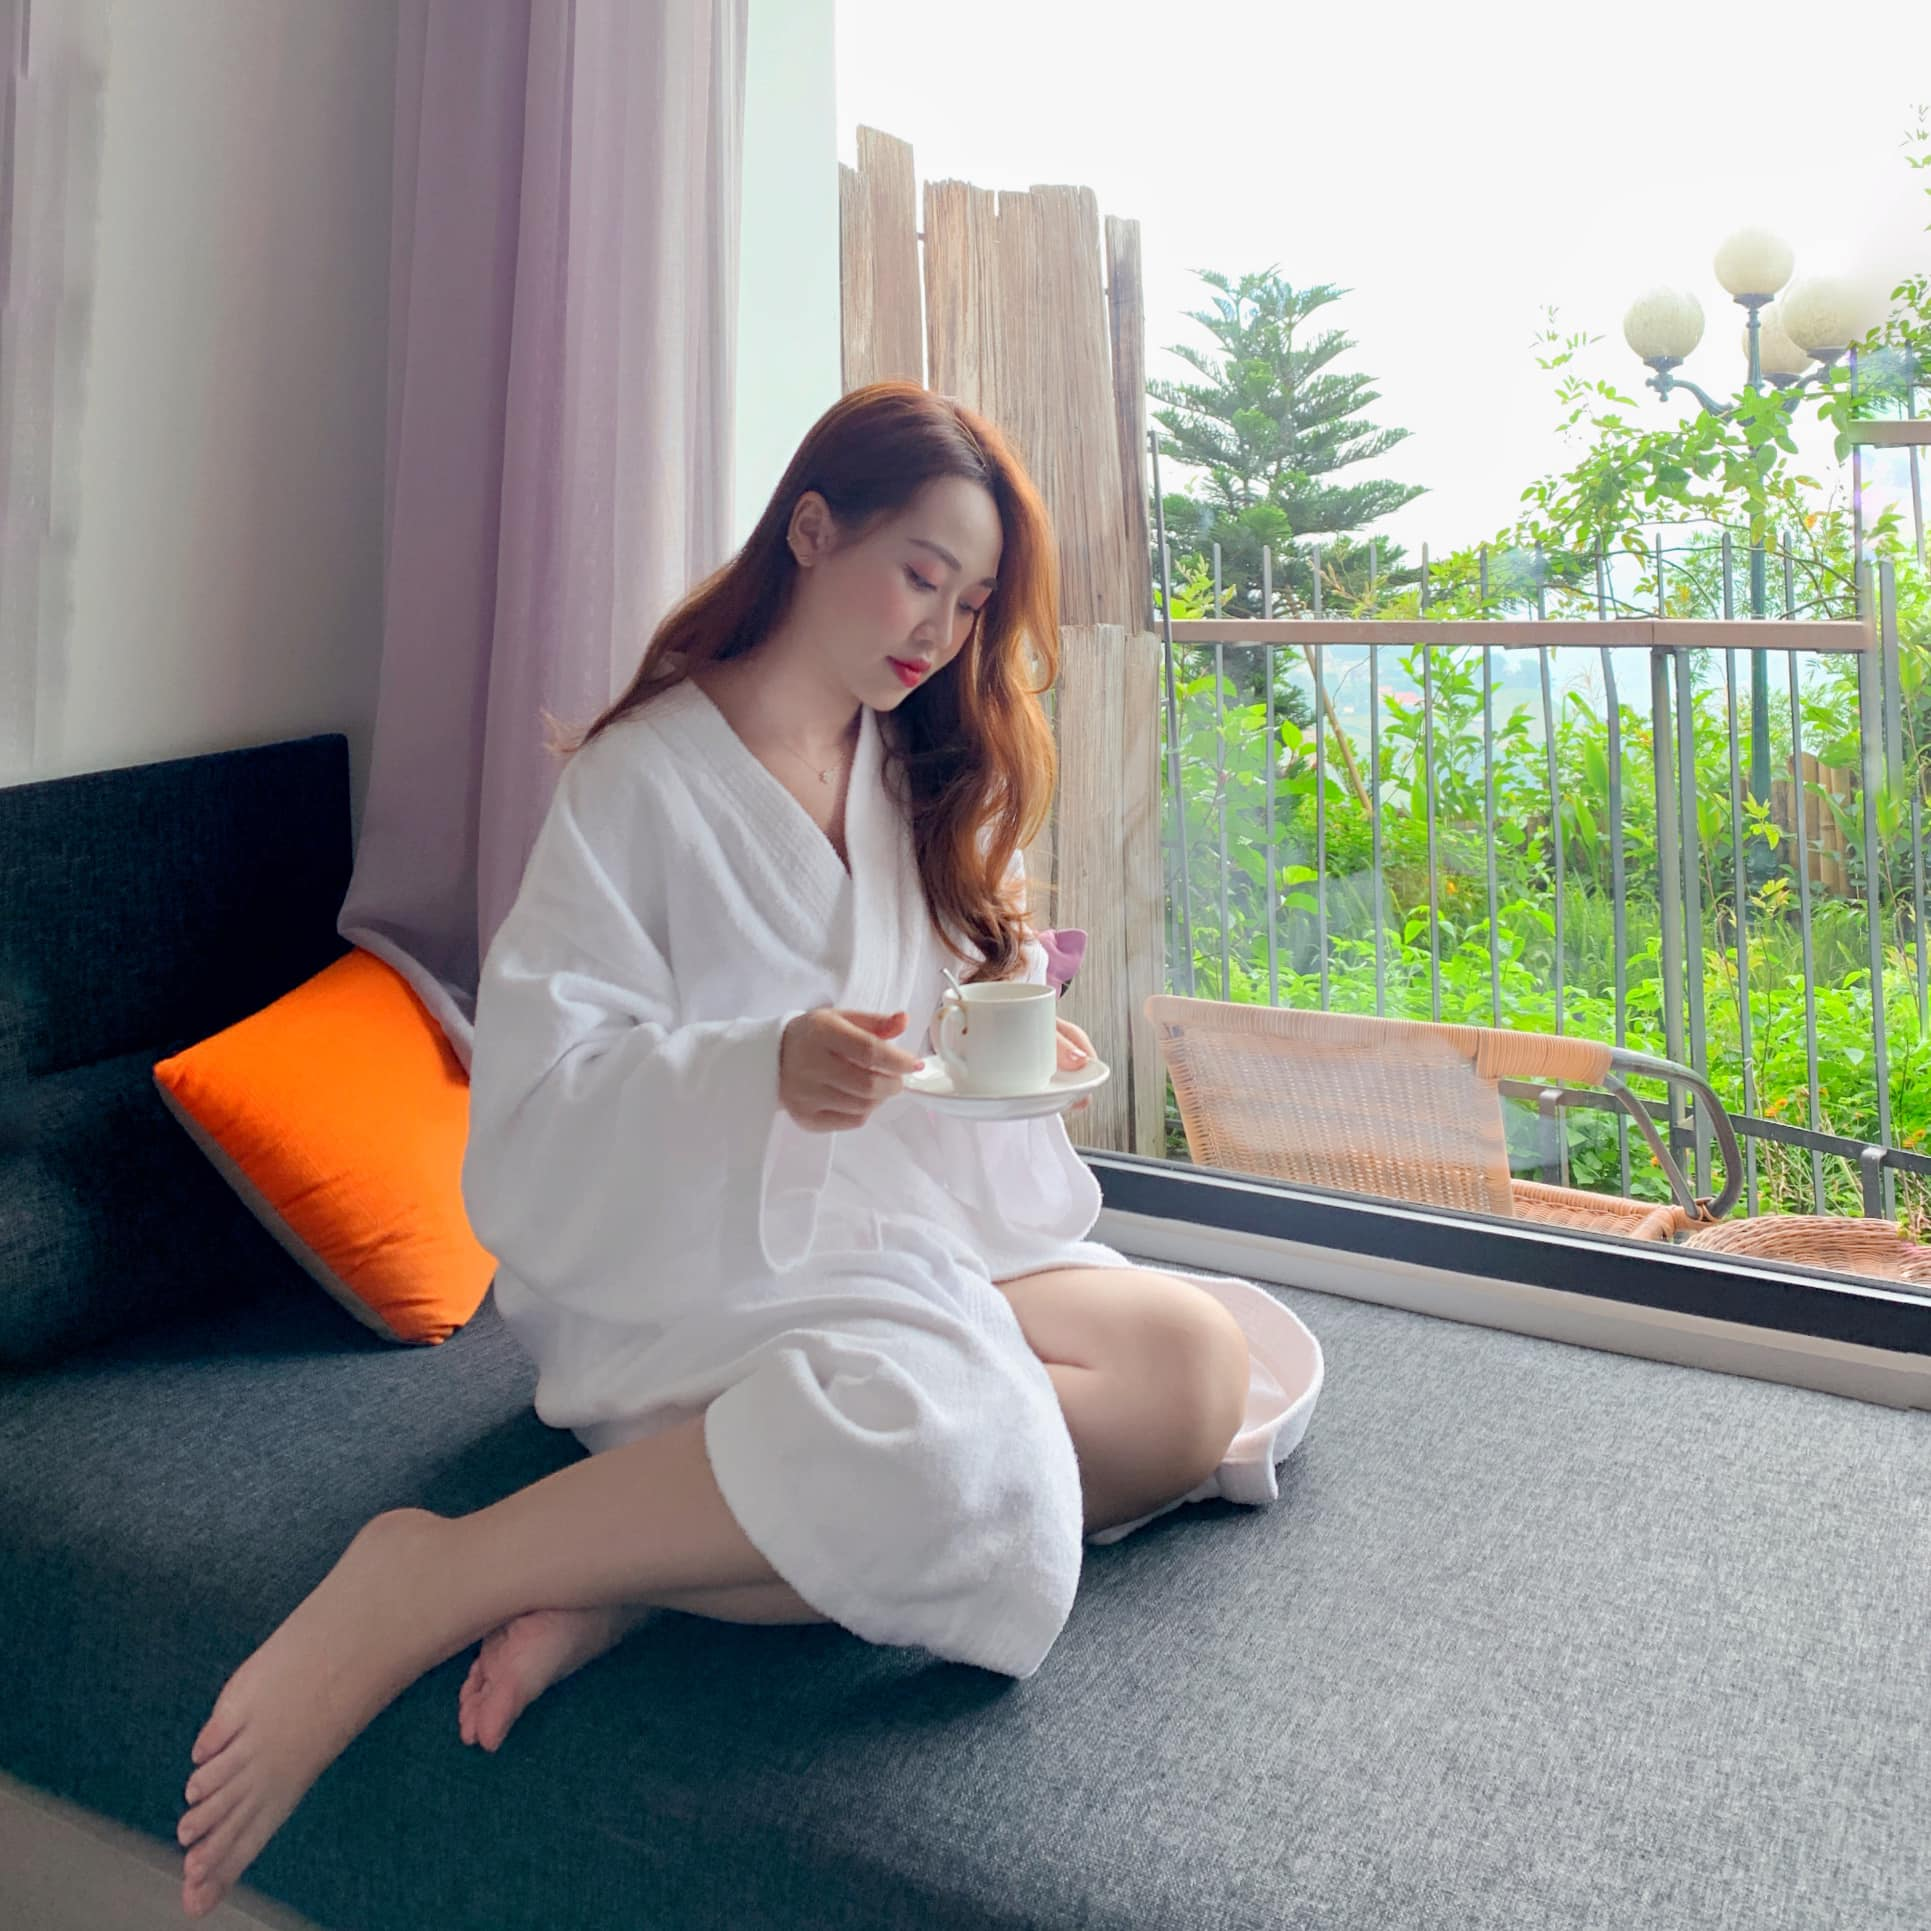 Con gái, gái xinh Việt Nam, phụ nữ gợi cảm. Kinh nghiệm du lịch Sapa